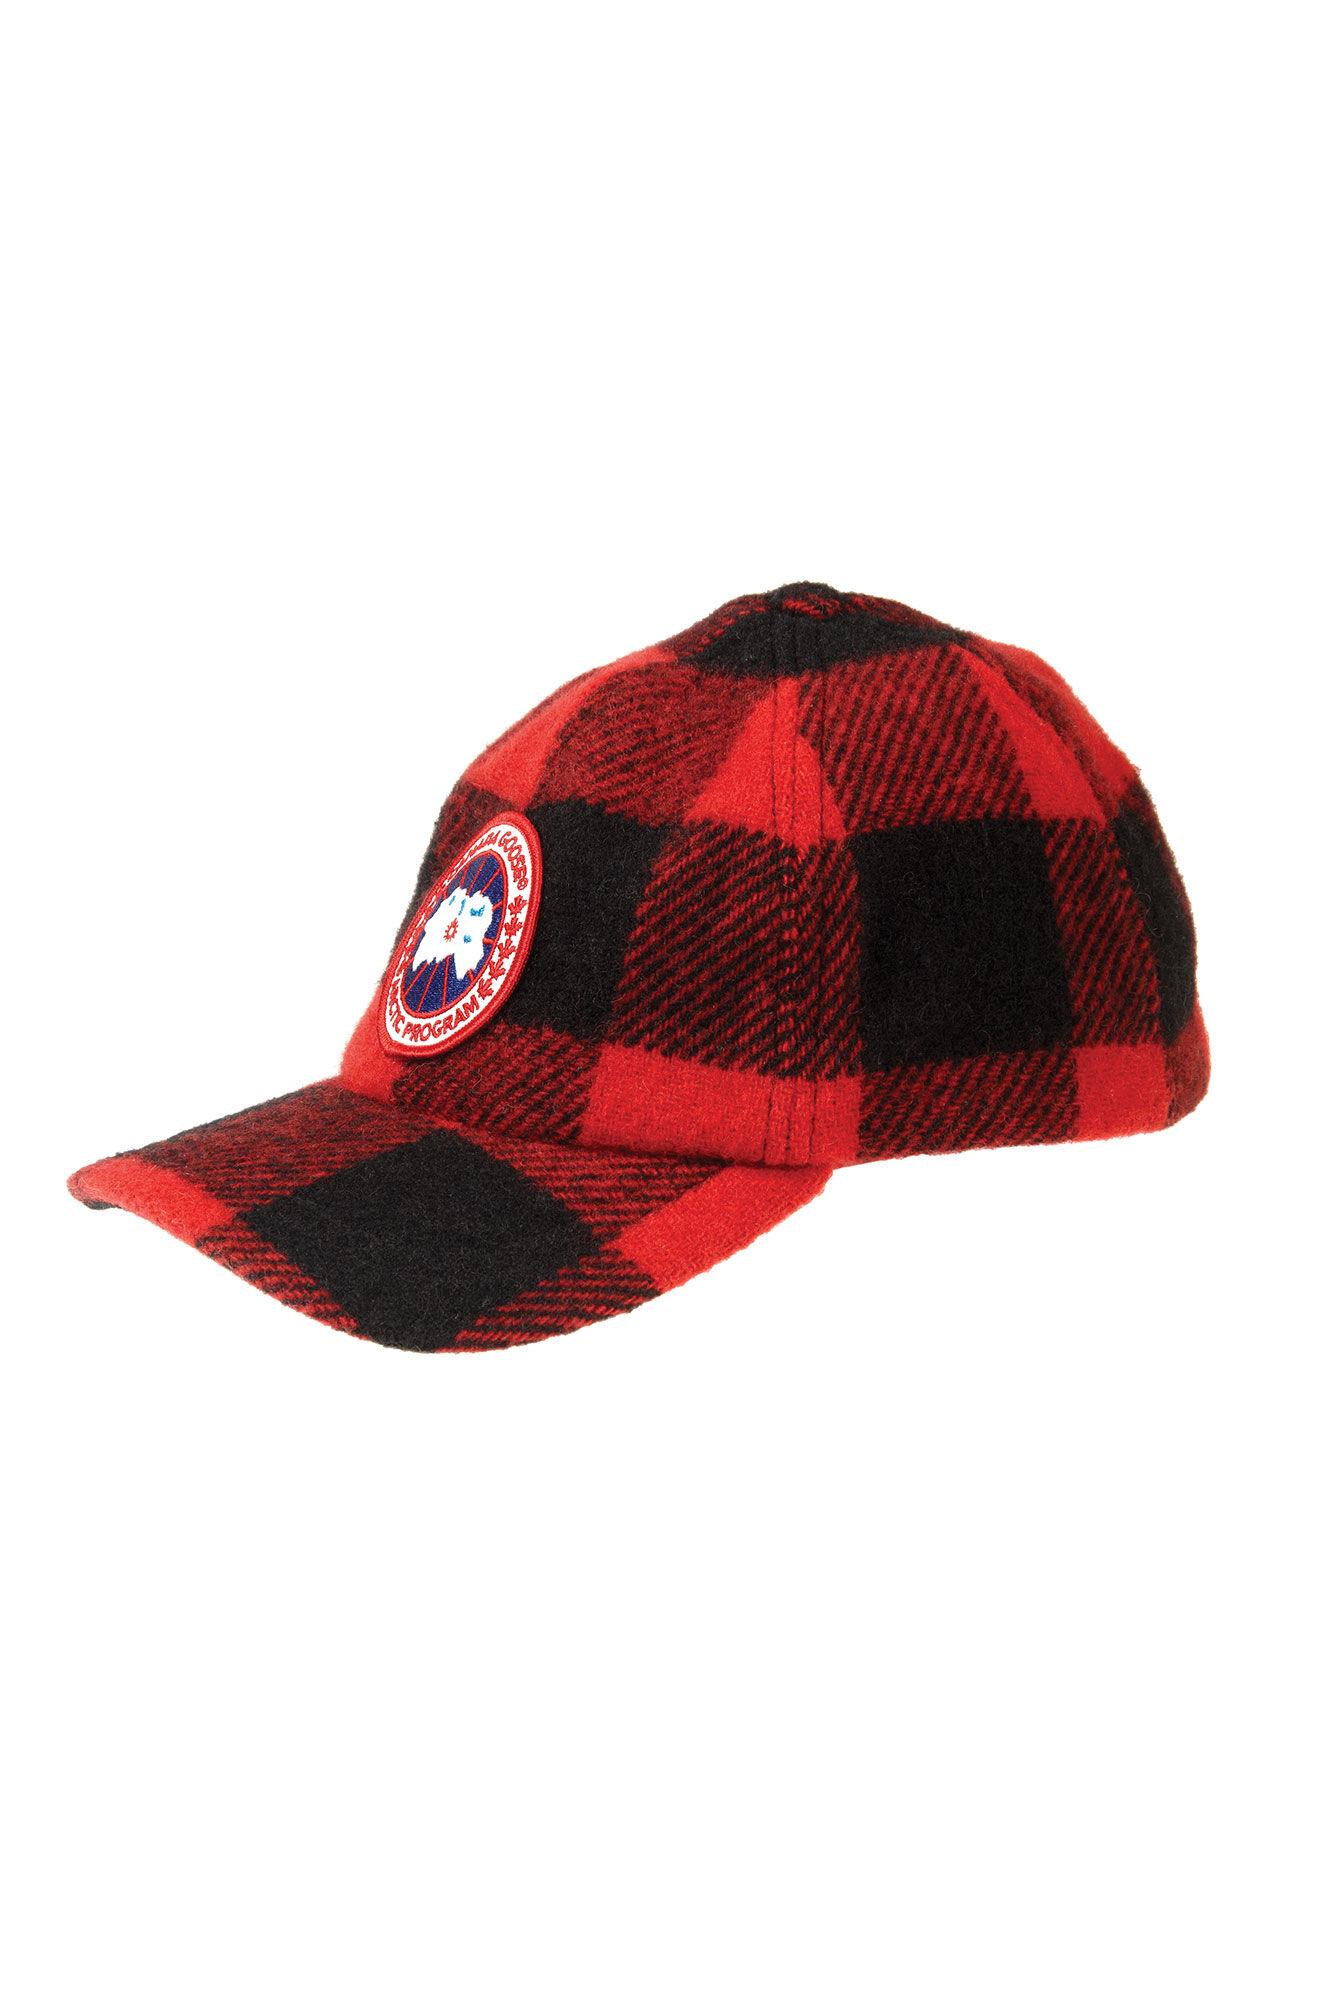 canada goose hat merino